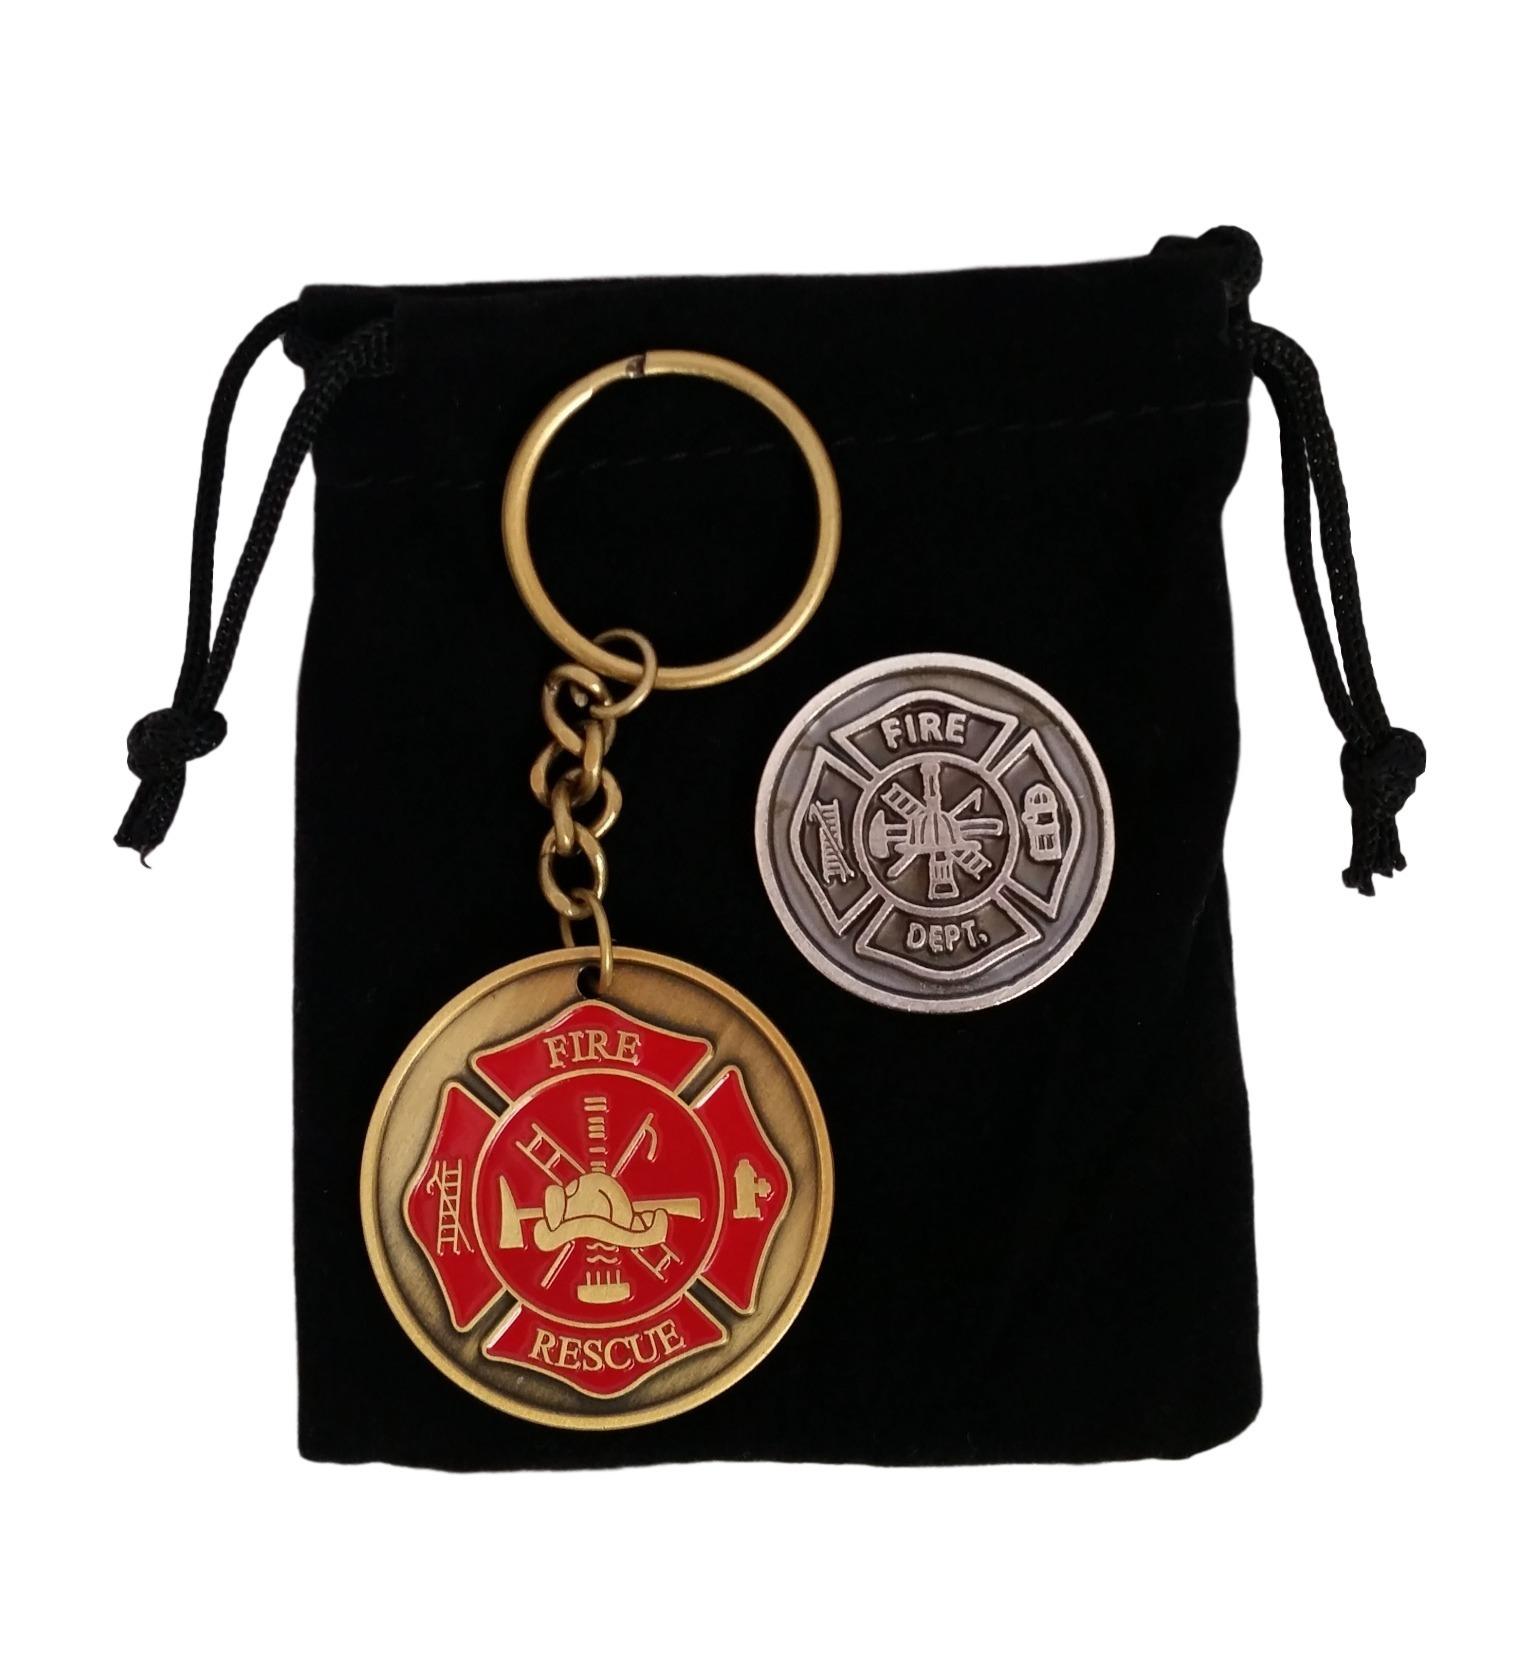 Firefighter Gifts for Men - Maltese Cross Firefighter Prayer Coin & Fireman Key Chain with Black Velvet Gift Pouch CS650FIREKEYCOIN